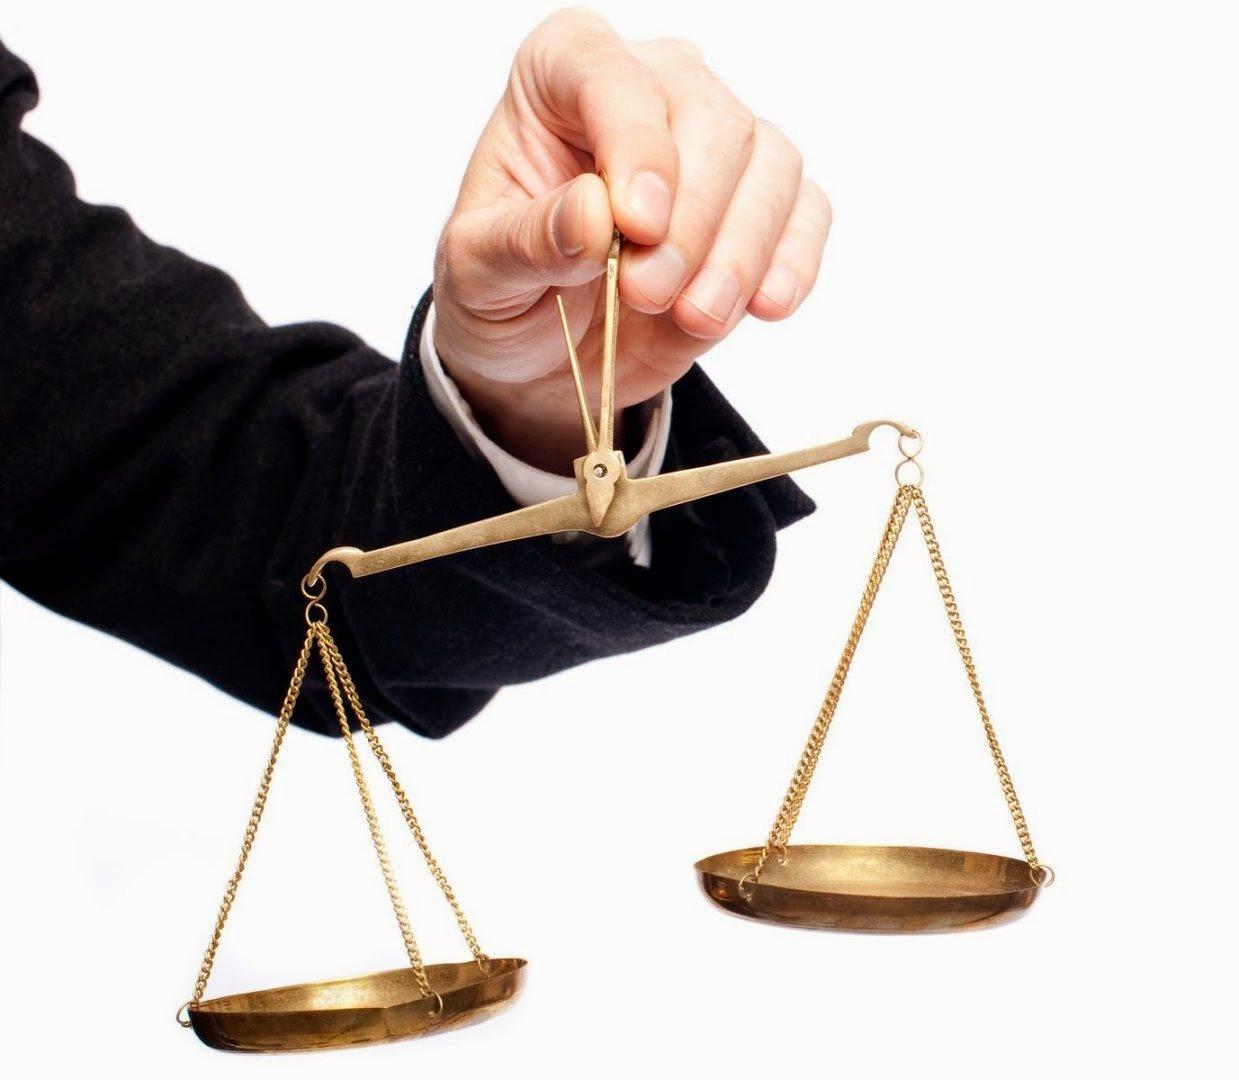 El derecho del tercero de oponerse a cualquier medida cautelar que lo perjudique